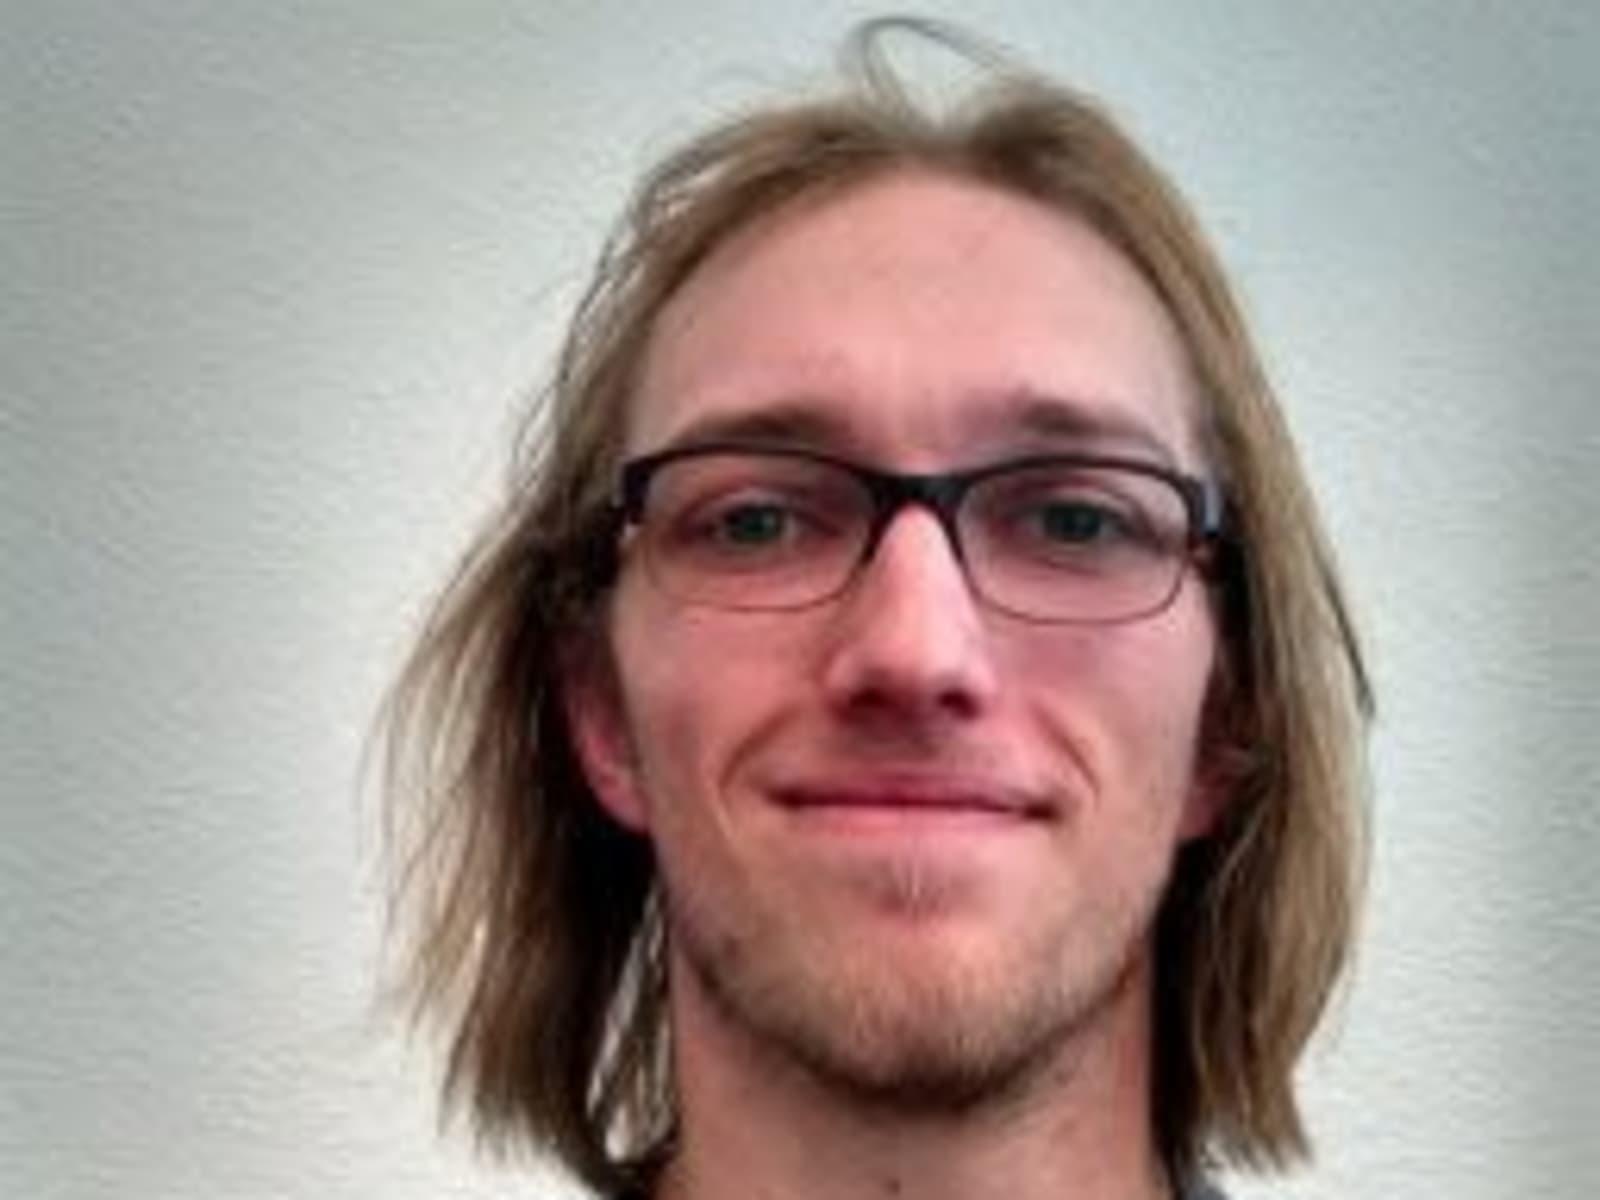 John  from Derby, United Kingdom